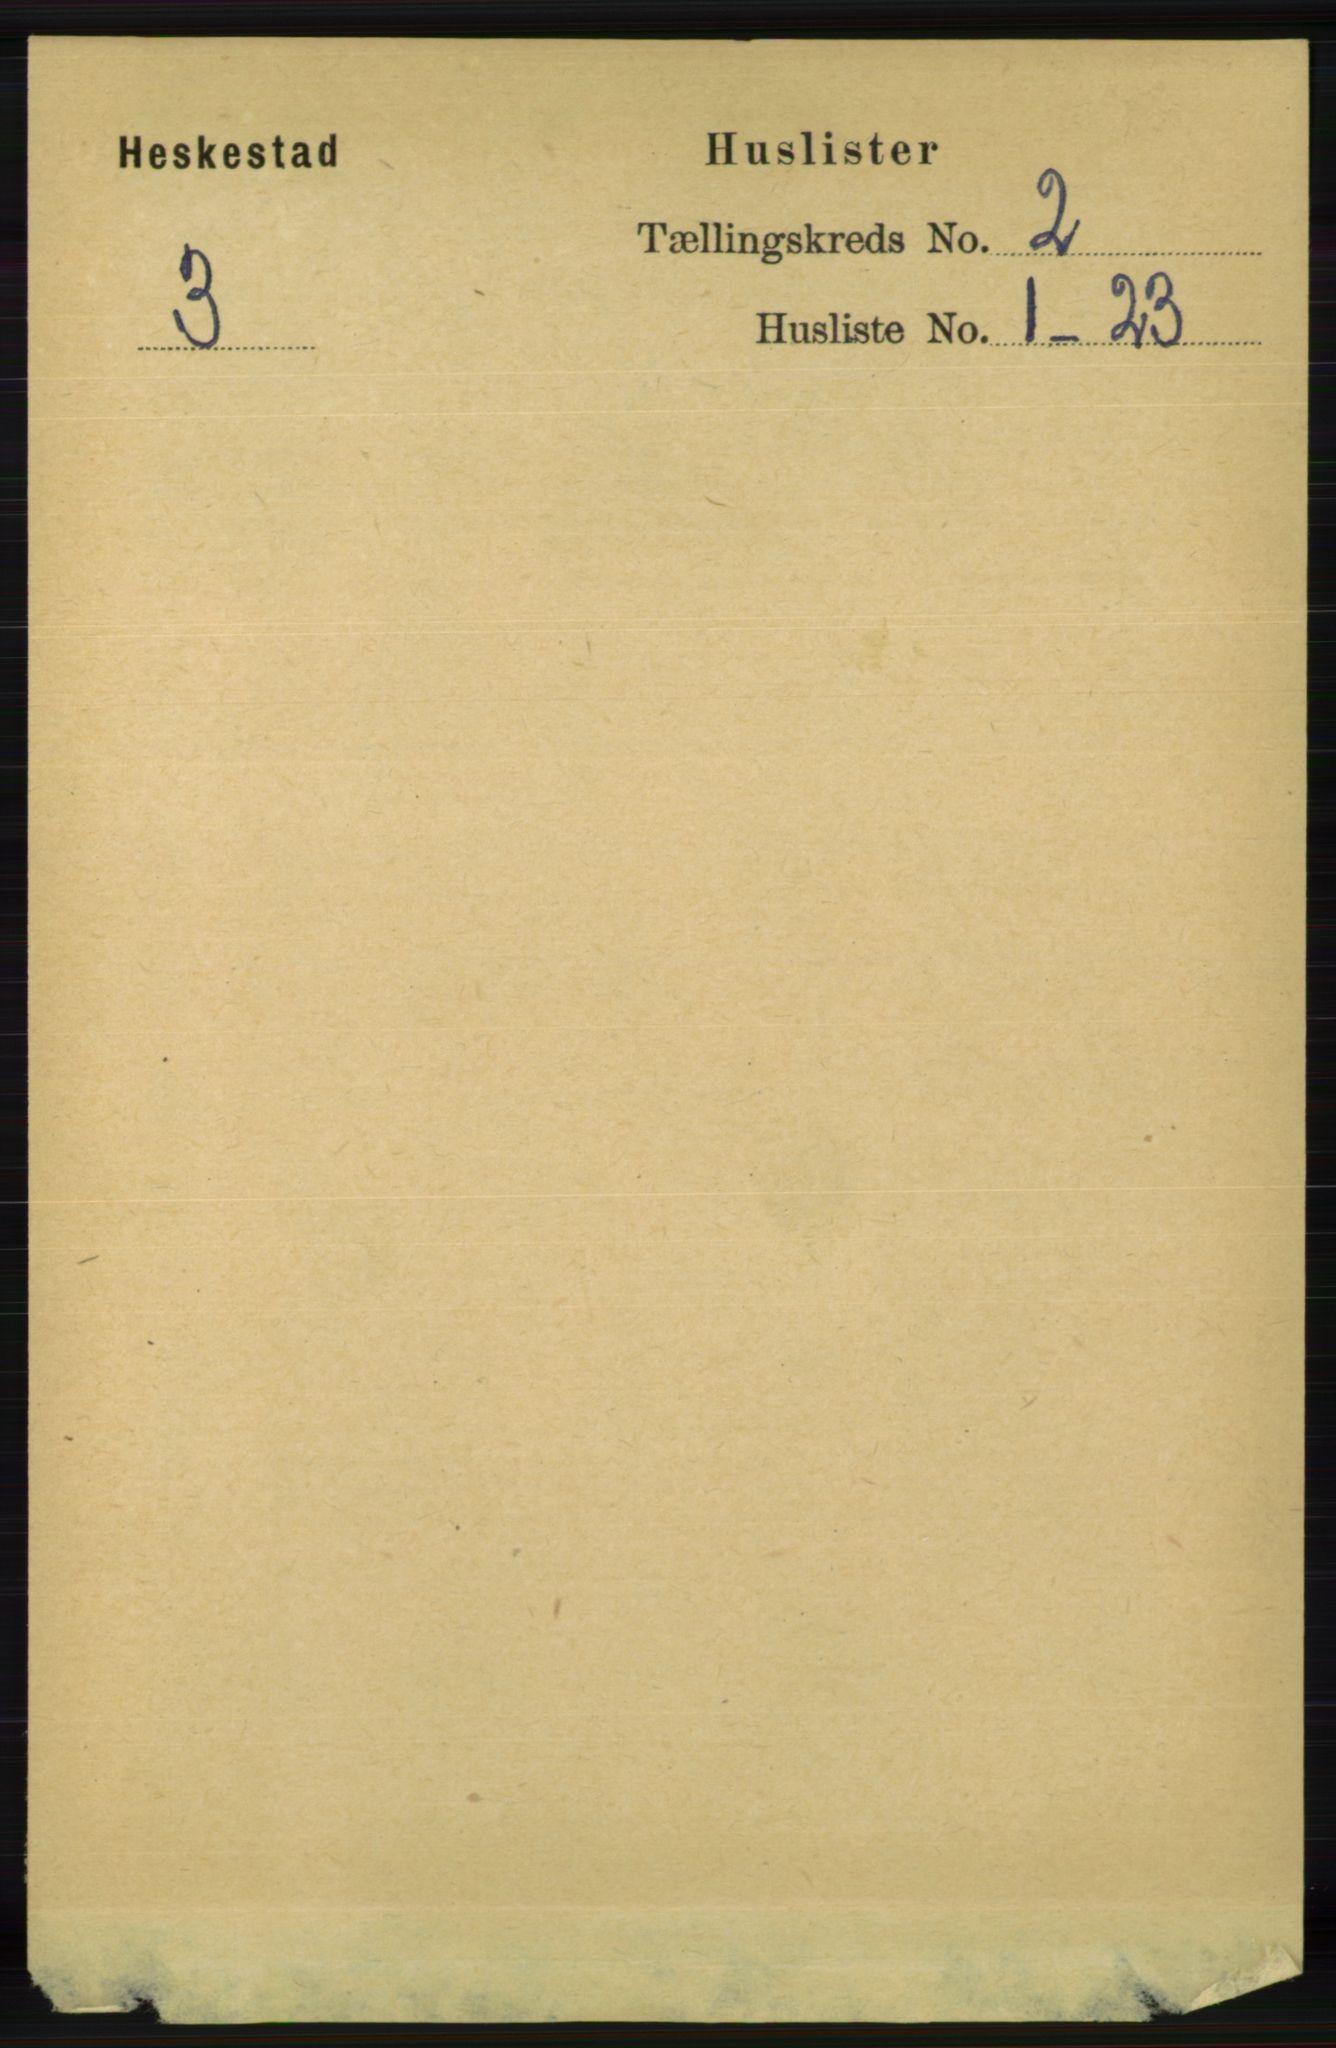 RA, Folketelling 1891 for 1113 Heskestad herred, 1891, s. 245